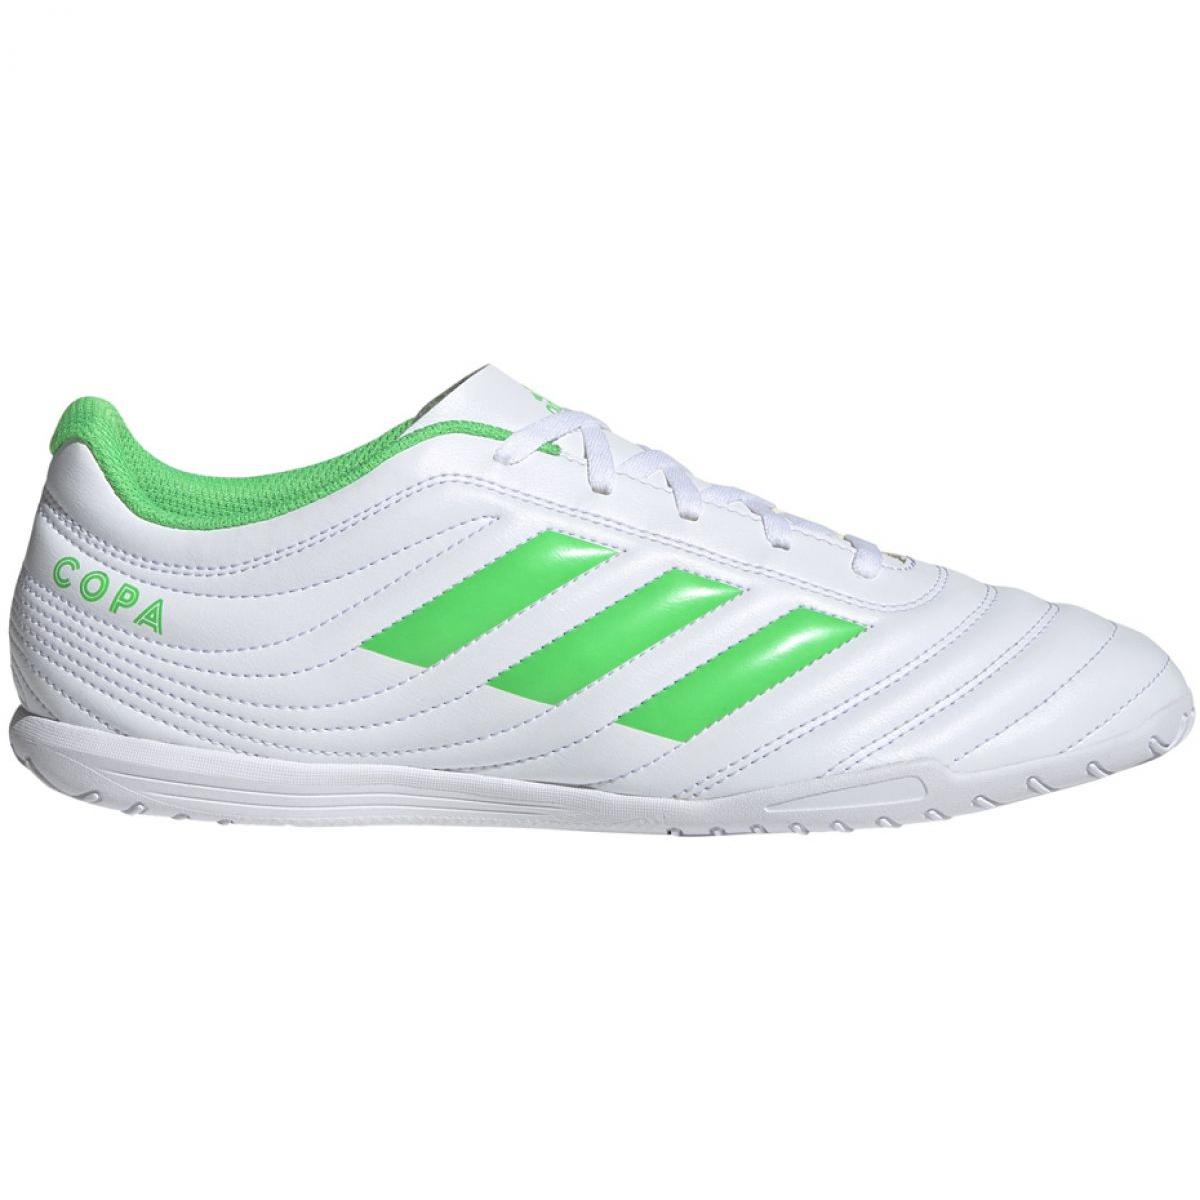 Adidas, Buty męskie, Nemeziz Tango 17.3 IN CP9111, rozmiar